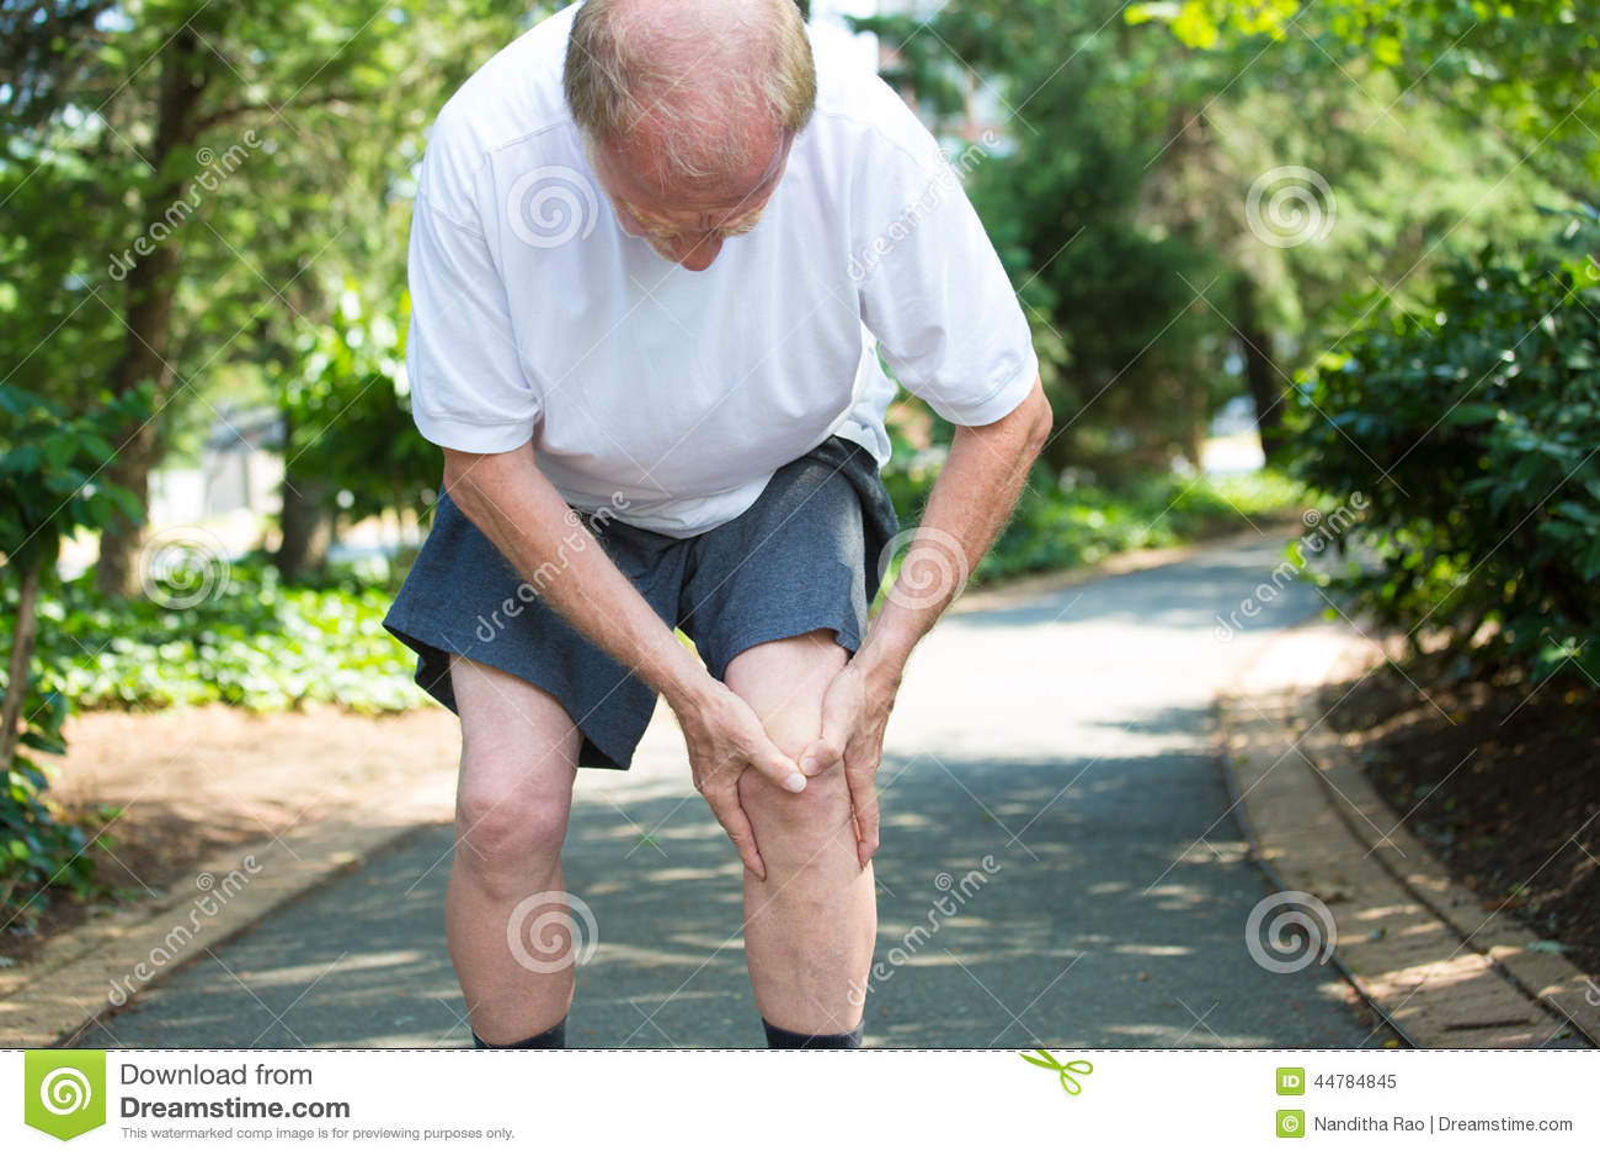 Sport, der Knieverletzung im männlichen Seitentrieb laufen lässt